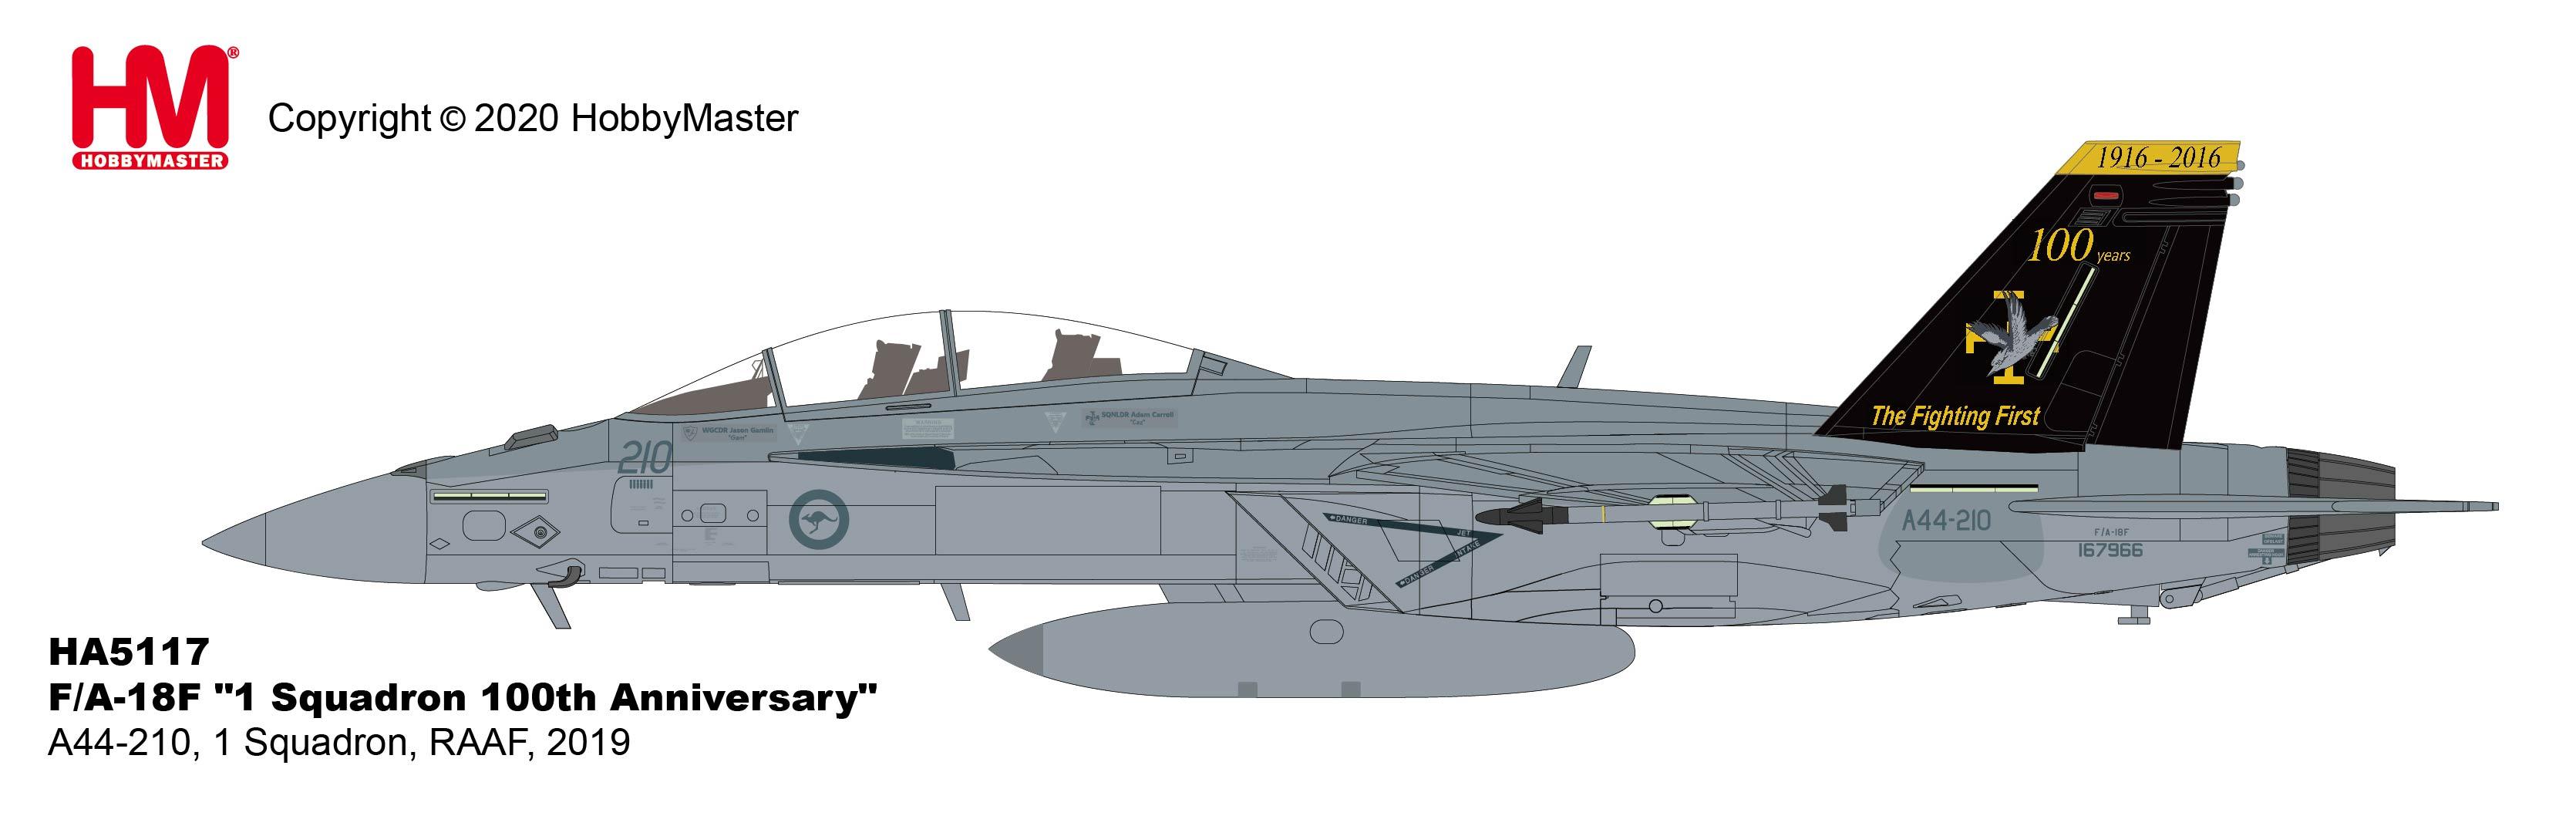 Hobby Master Ha3550 1//72 Cf-18 2016 Demo Flug von Kapitän Ryan Roid Kean 2016